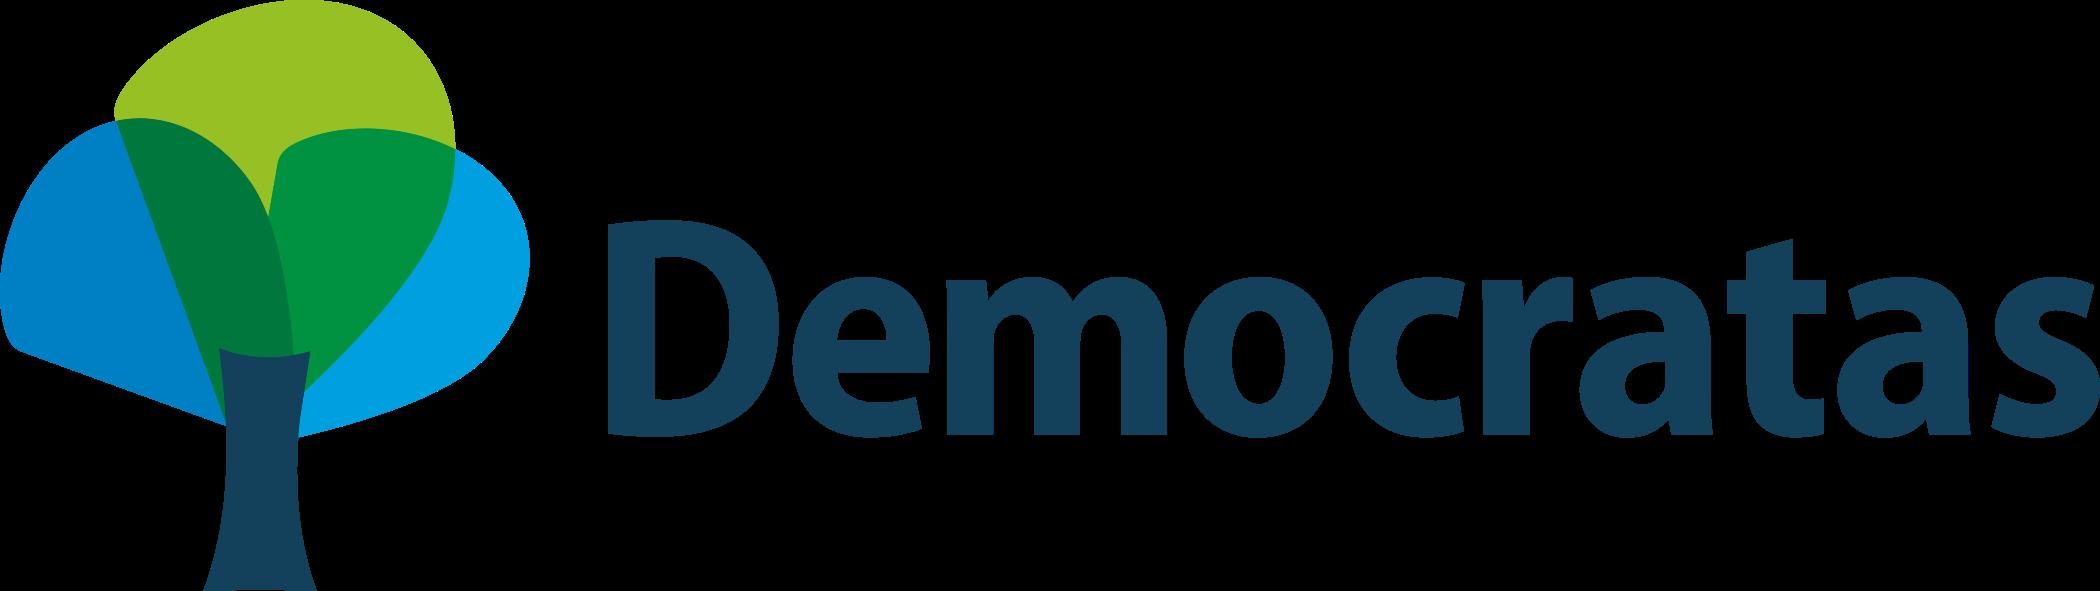 partido democratas dem logo 3 - DEM Logo - Partido Democratas Logo